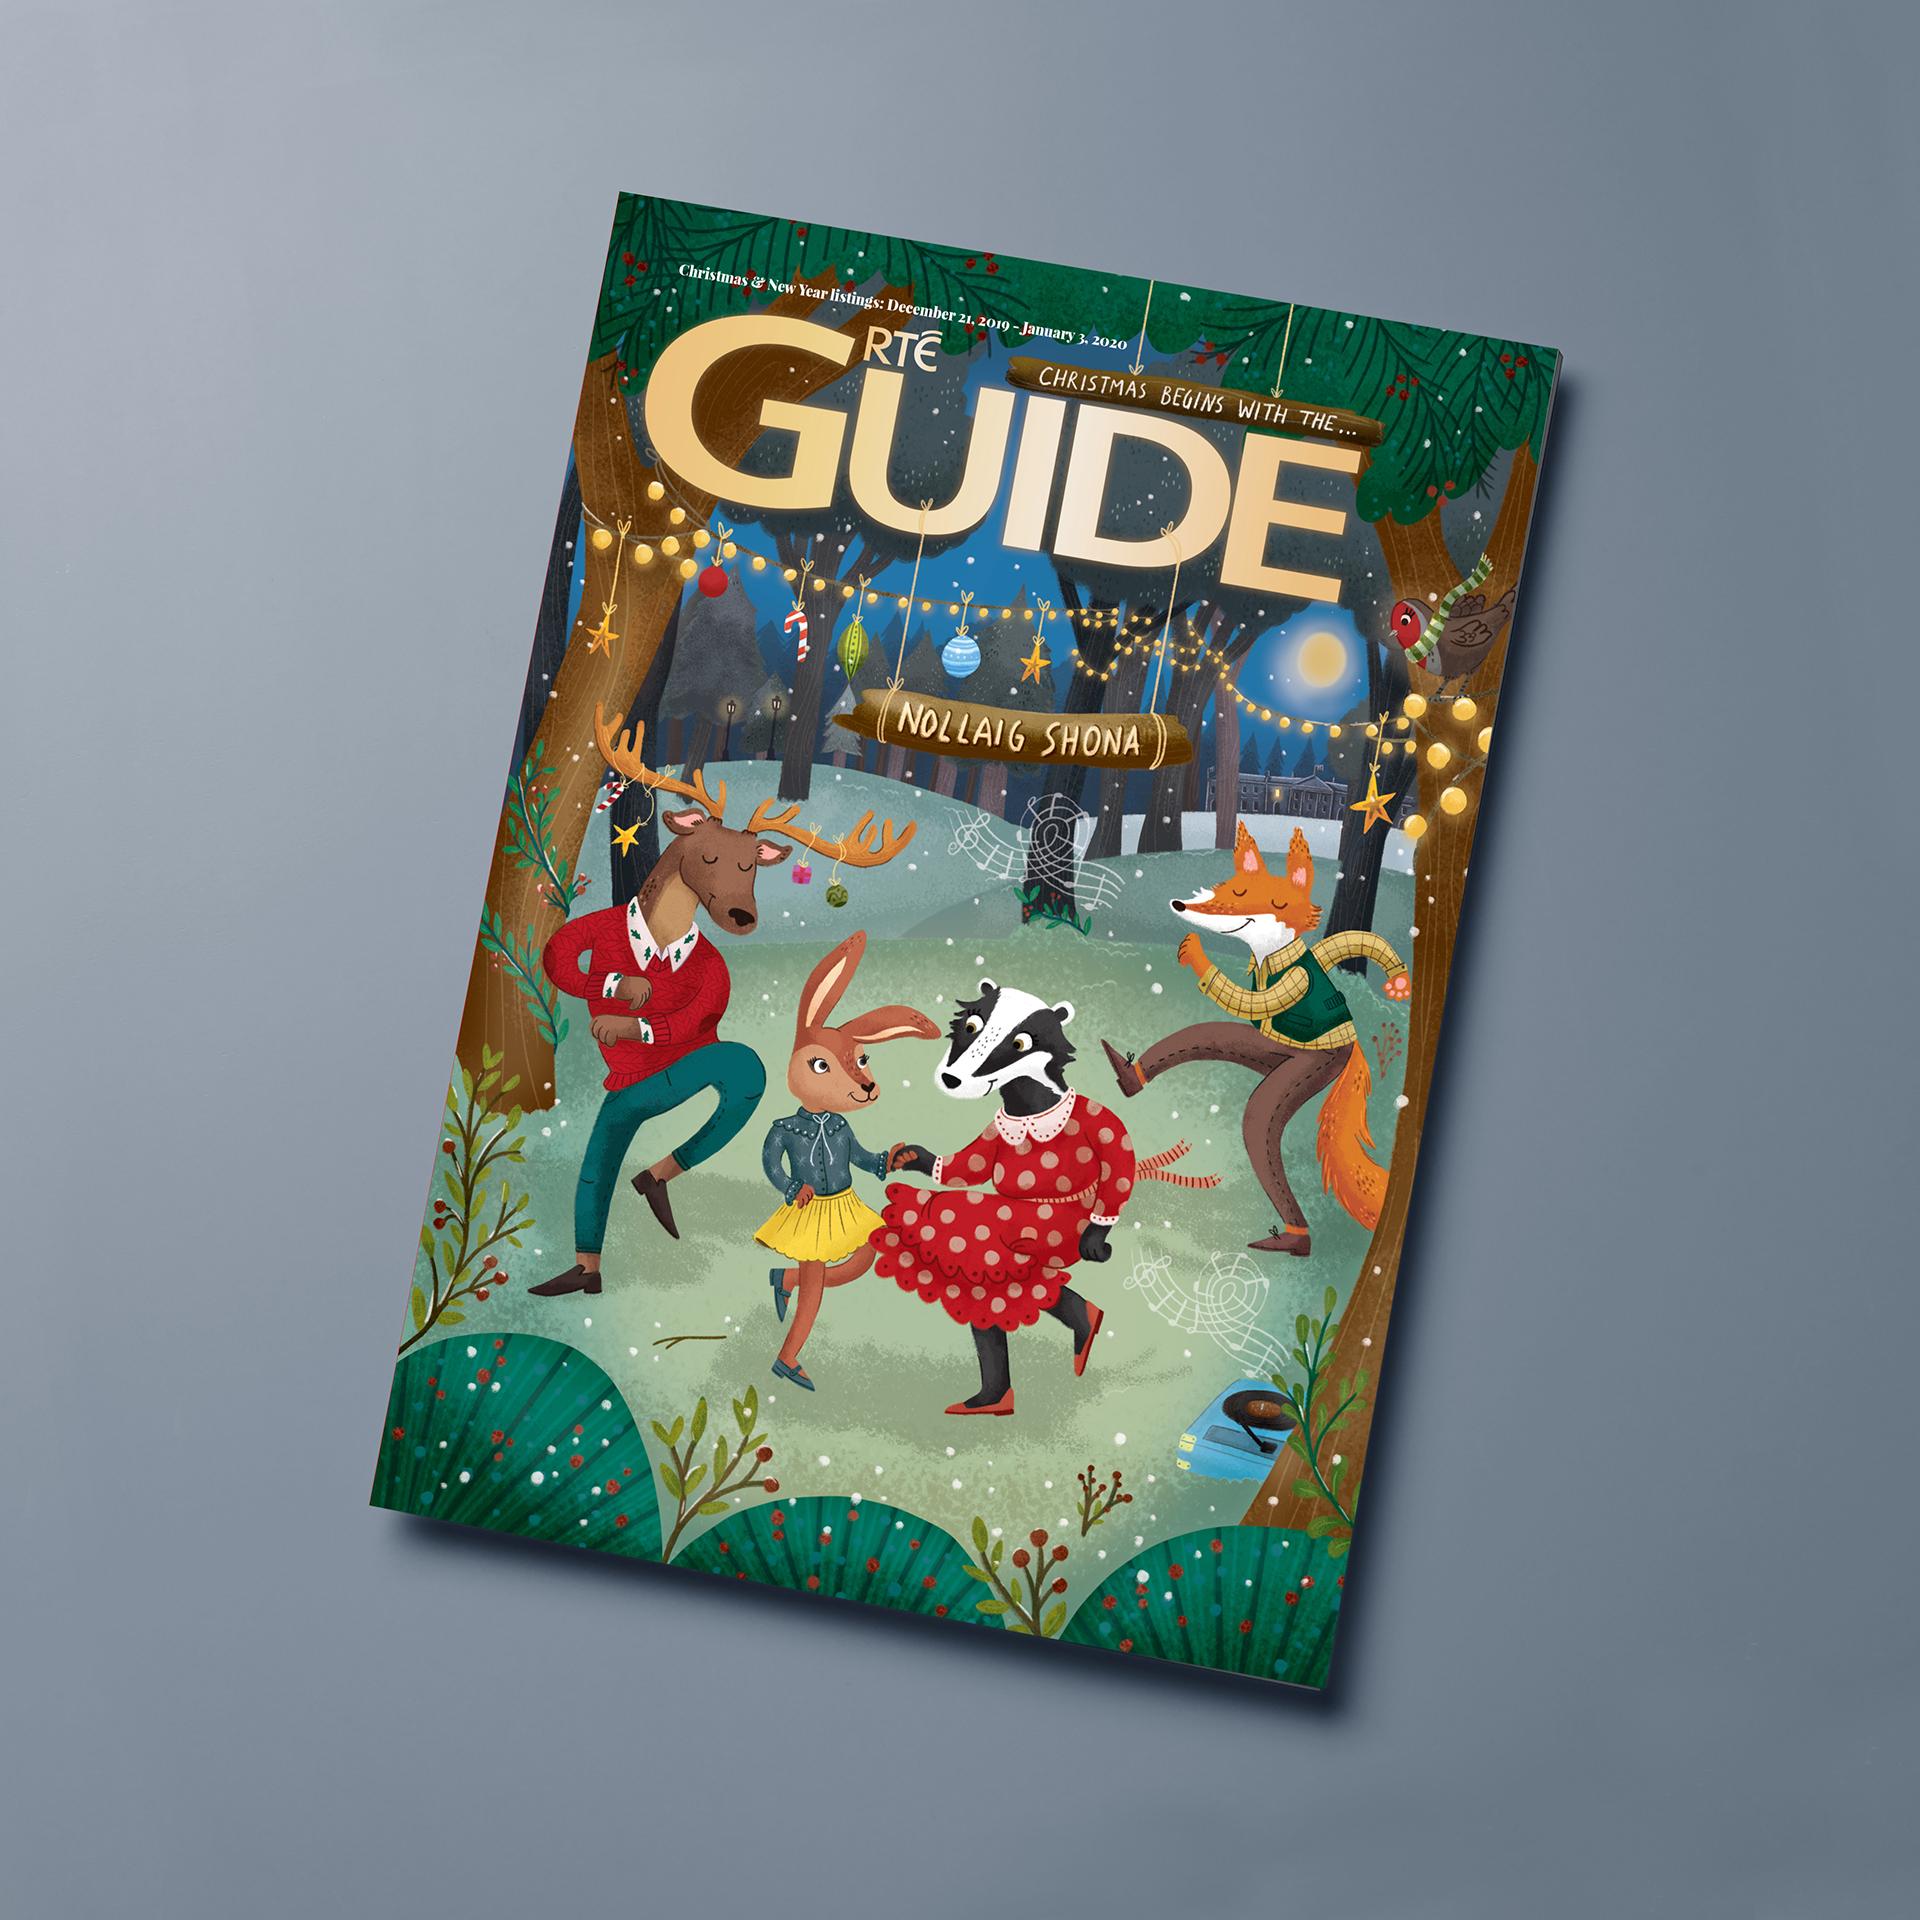 RTÉ Guide